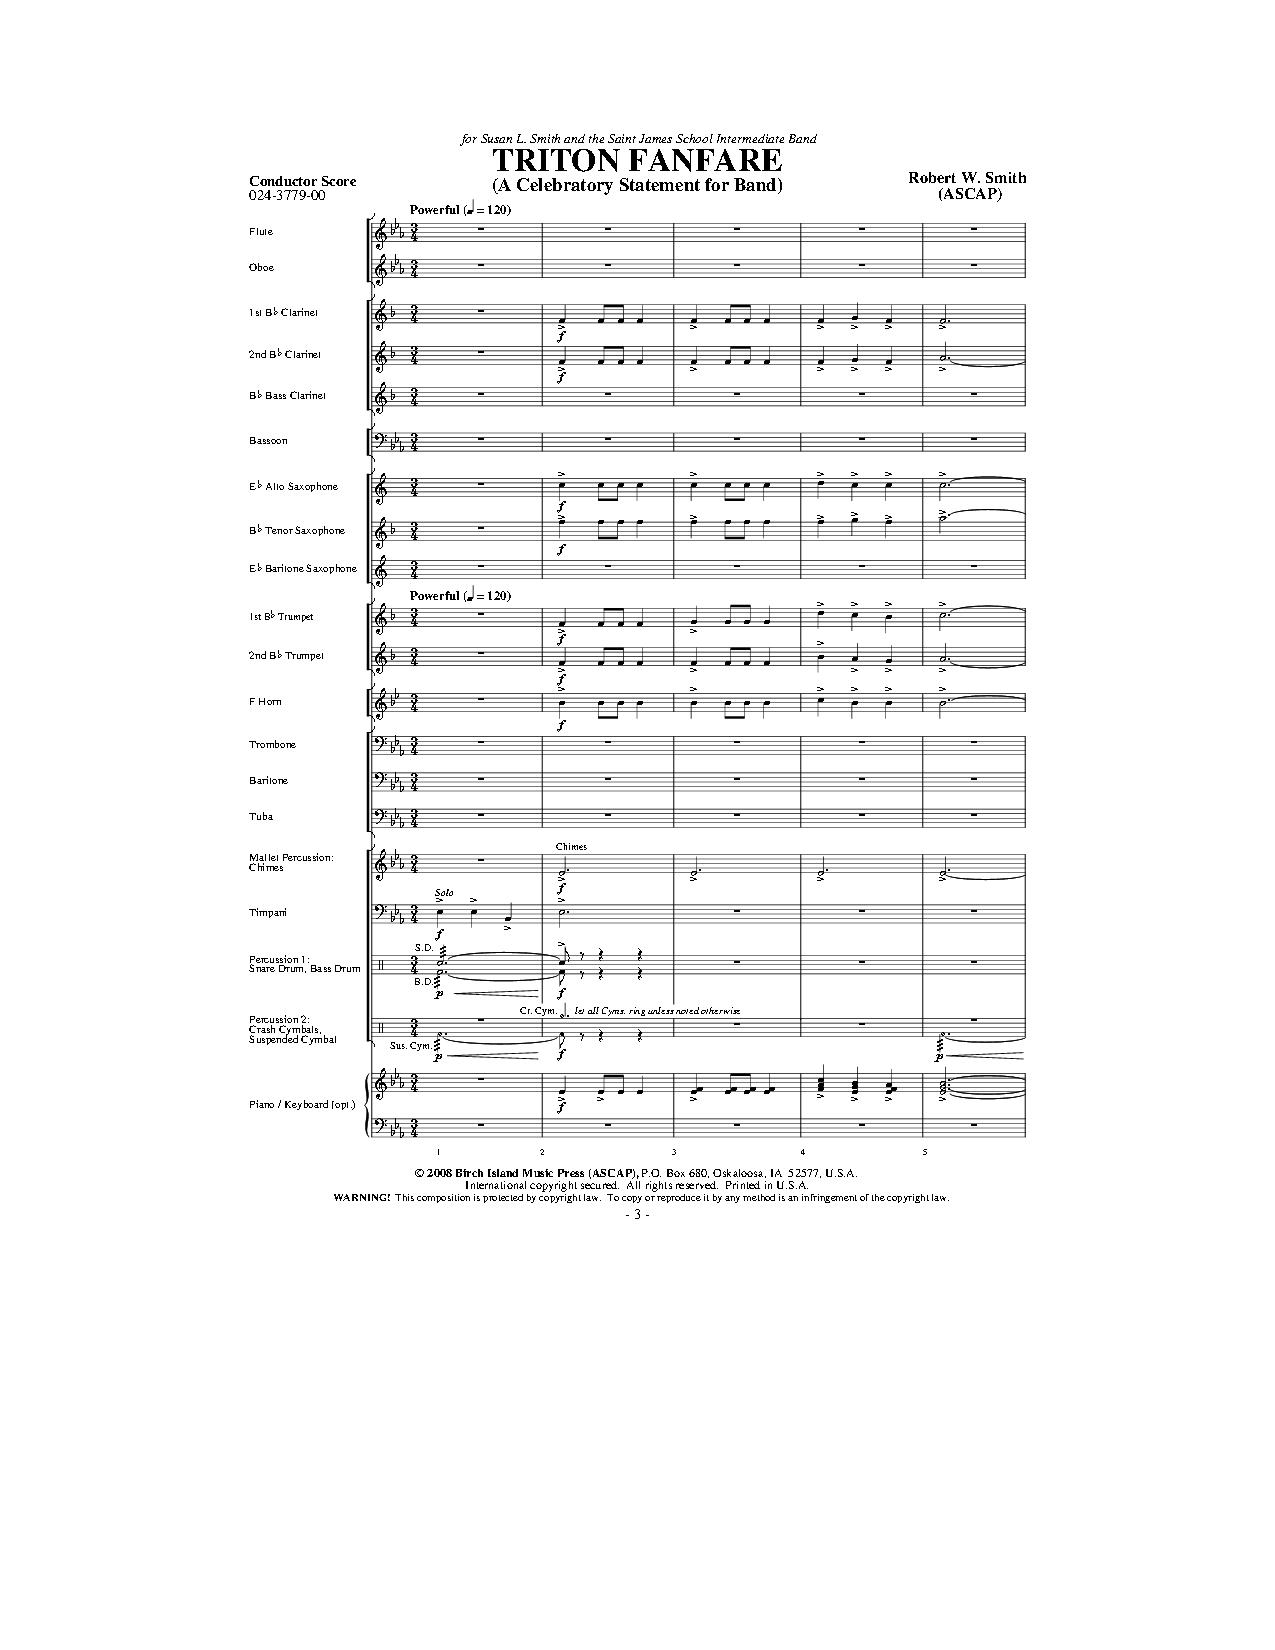 Triton Fanfare by Robert W. Smith| J.W. Pepper Sheet Music